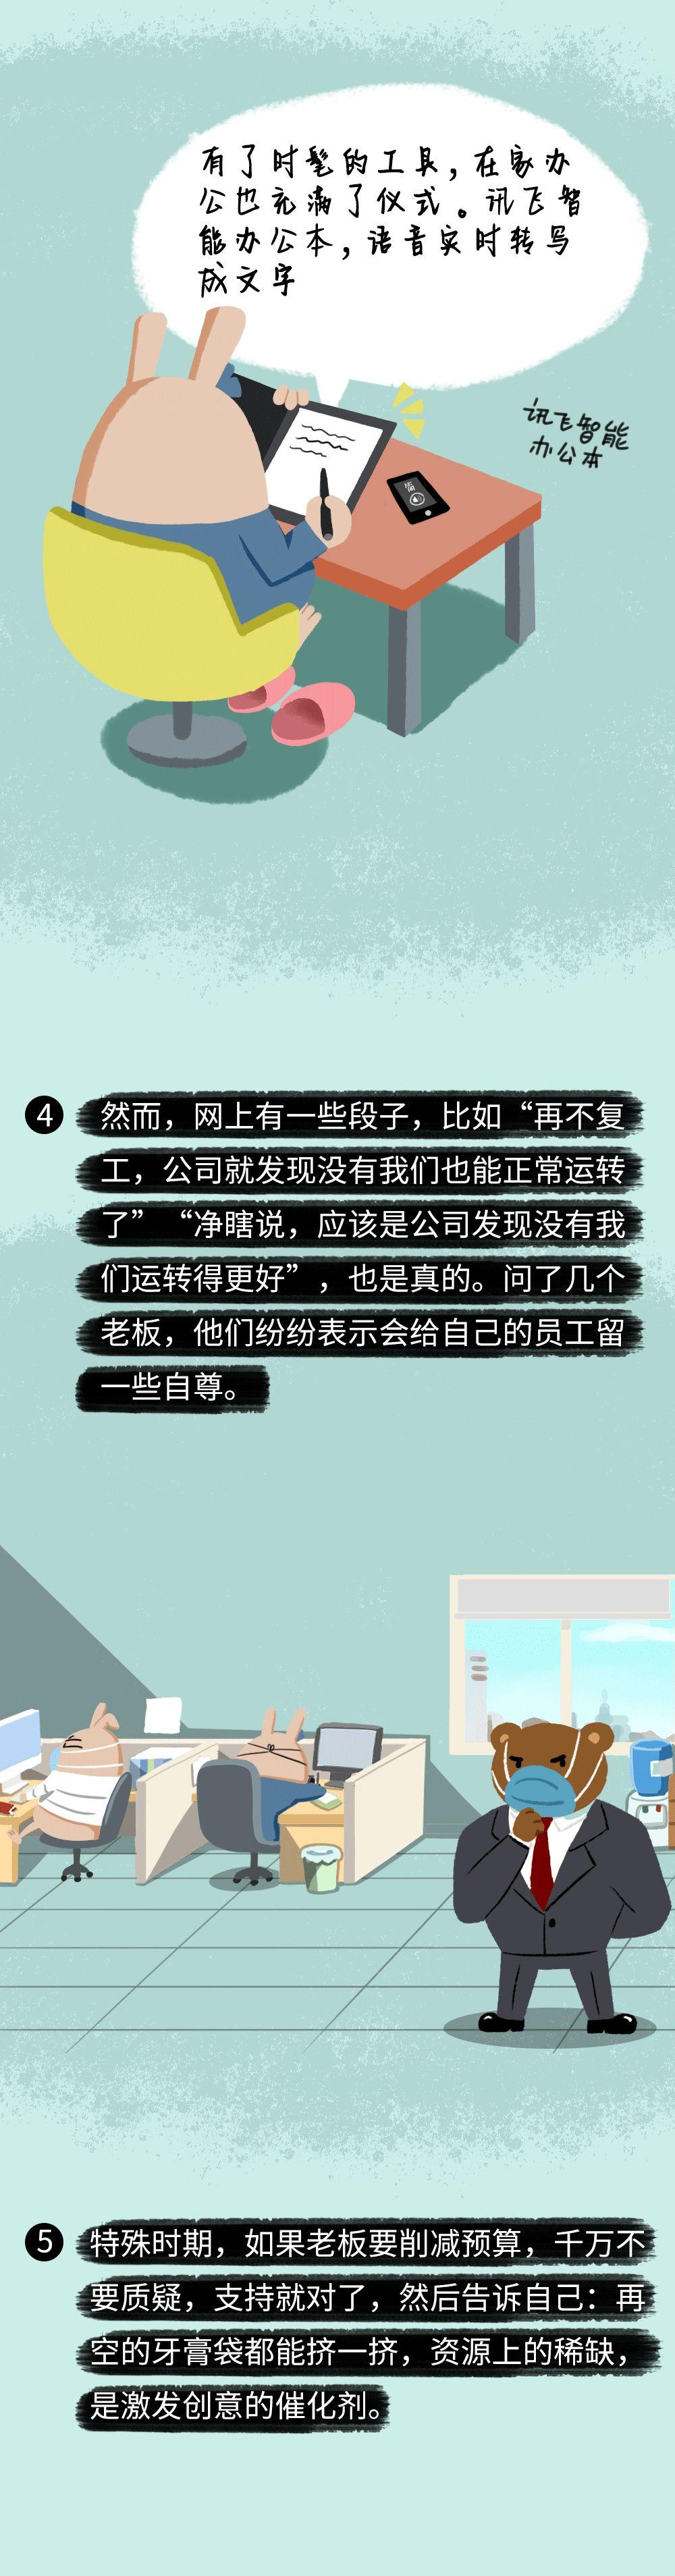 百万补回北汉逼近病例不姑不容2名美国0日警方